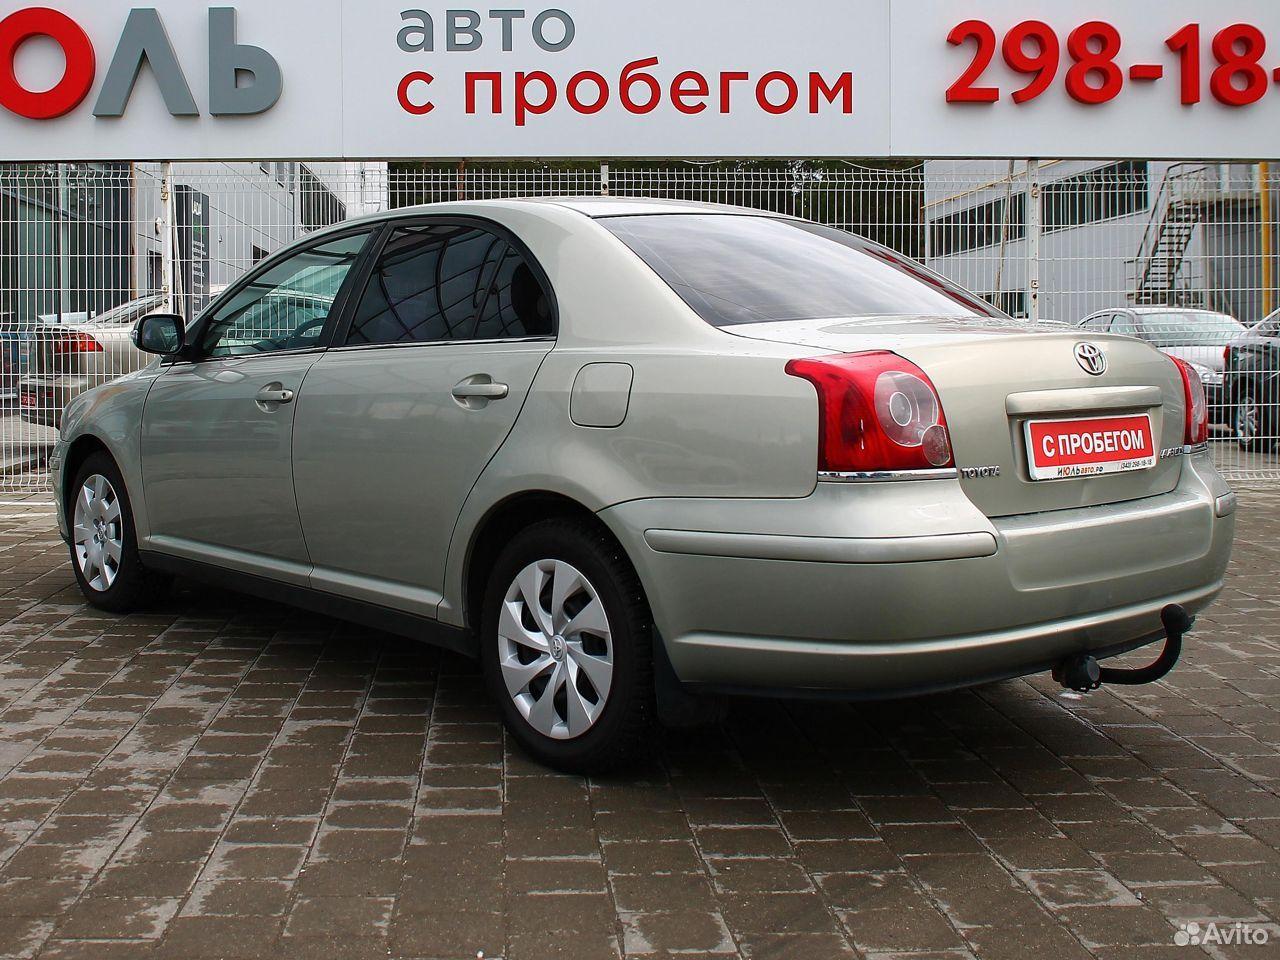 Toyota Avensis, 2008  83432890270 купить 5